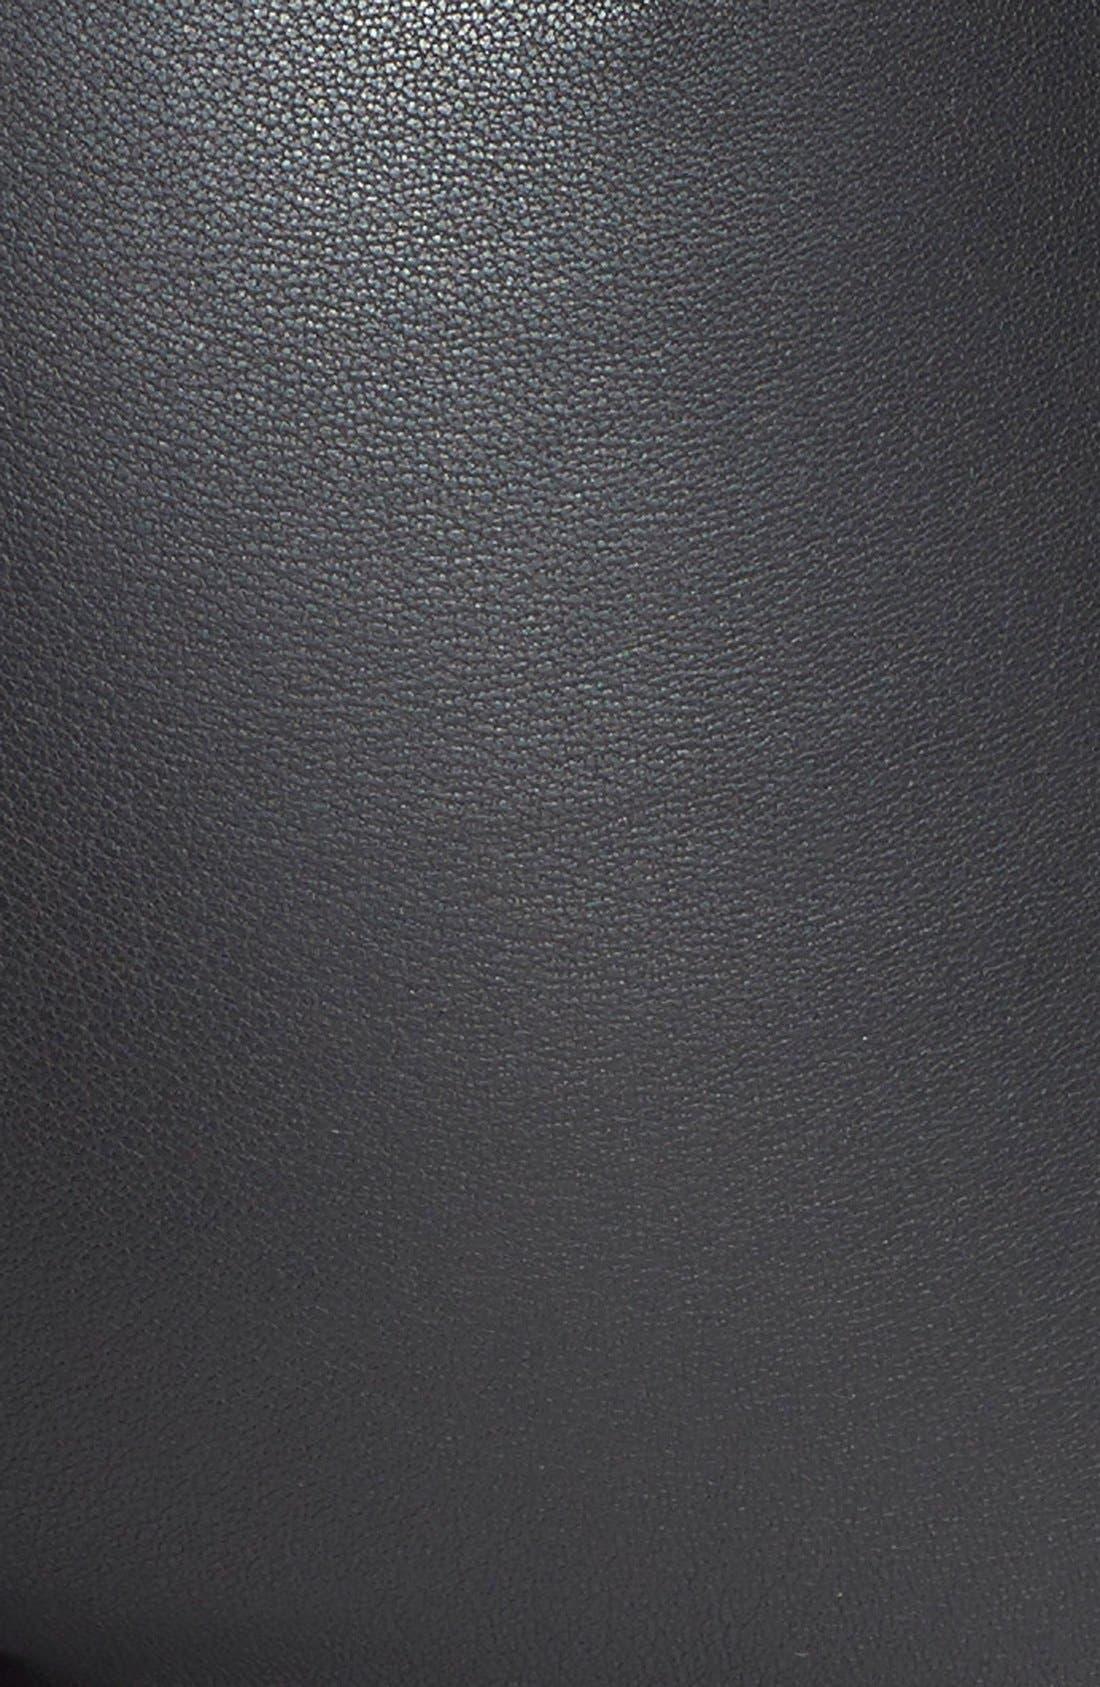 'Abdelle' Leather Leggings,                             Alternate thumbnail 2, color,                             001